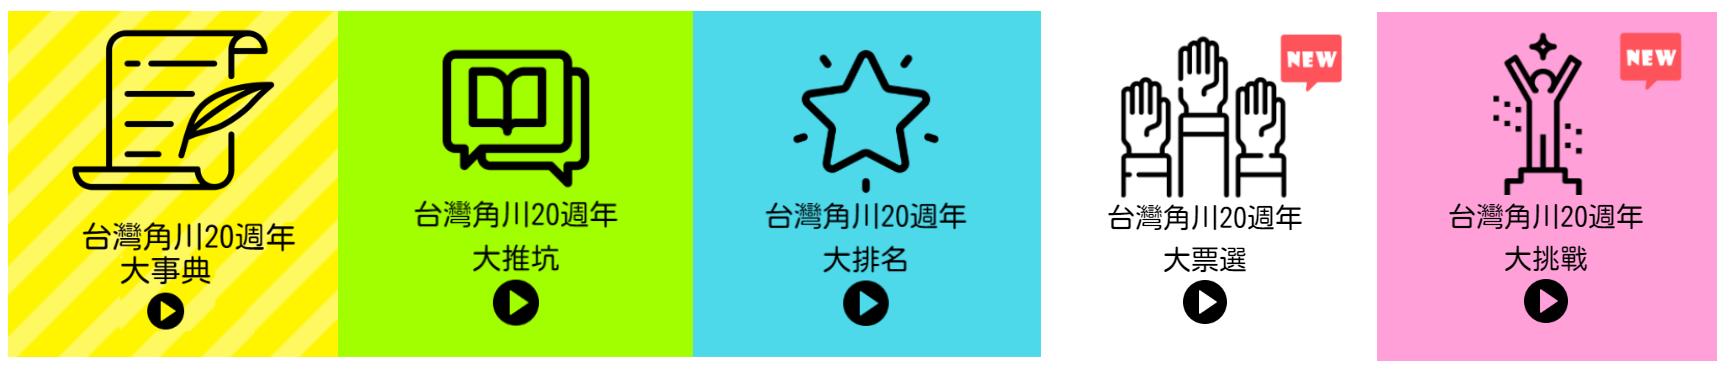 台灣角川歡慶20週年 特設網站正式上線! 「神作大票選」贈獎活動開跑 Aaoaua10